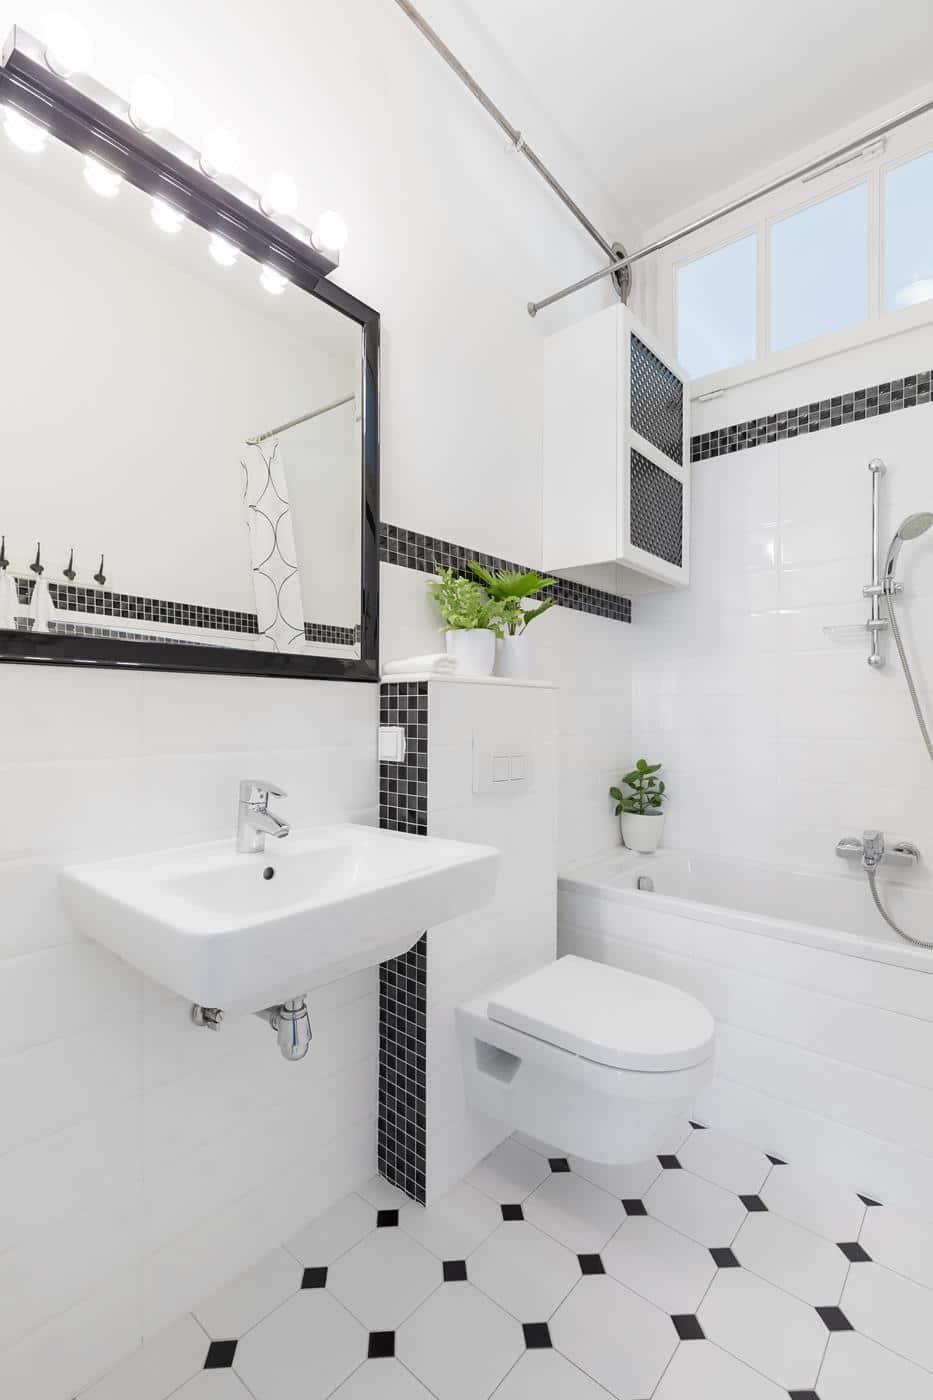 łazienko biało-czarna